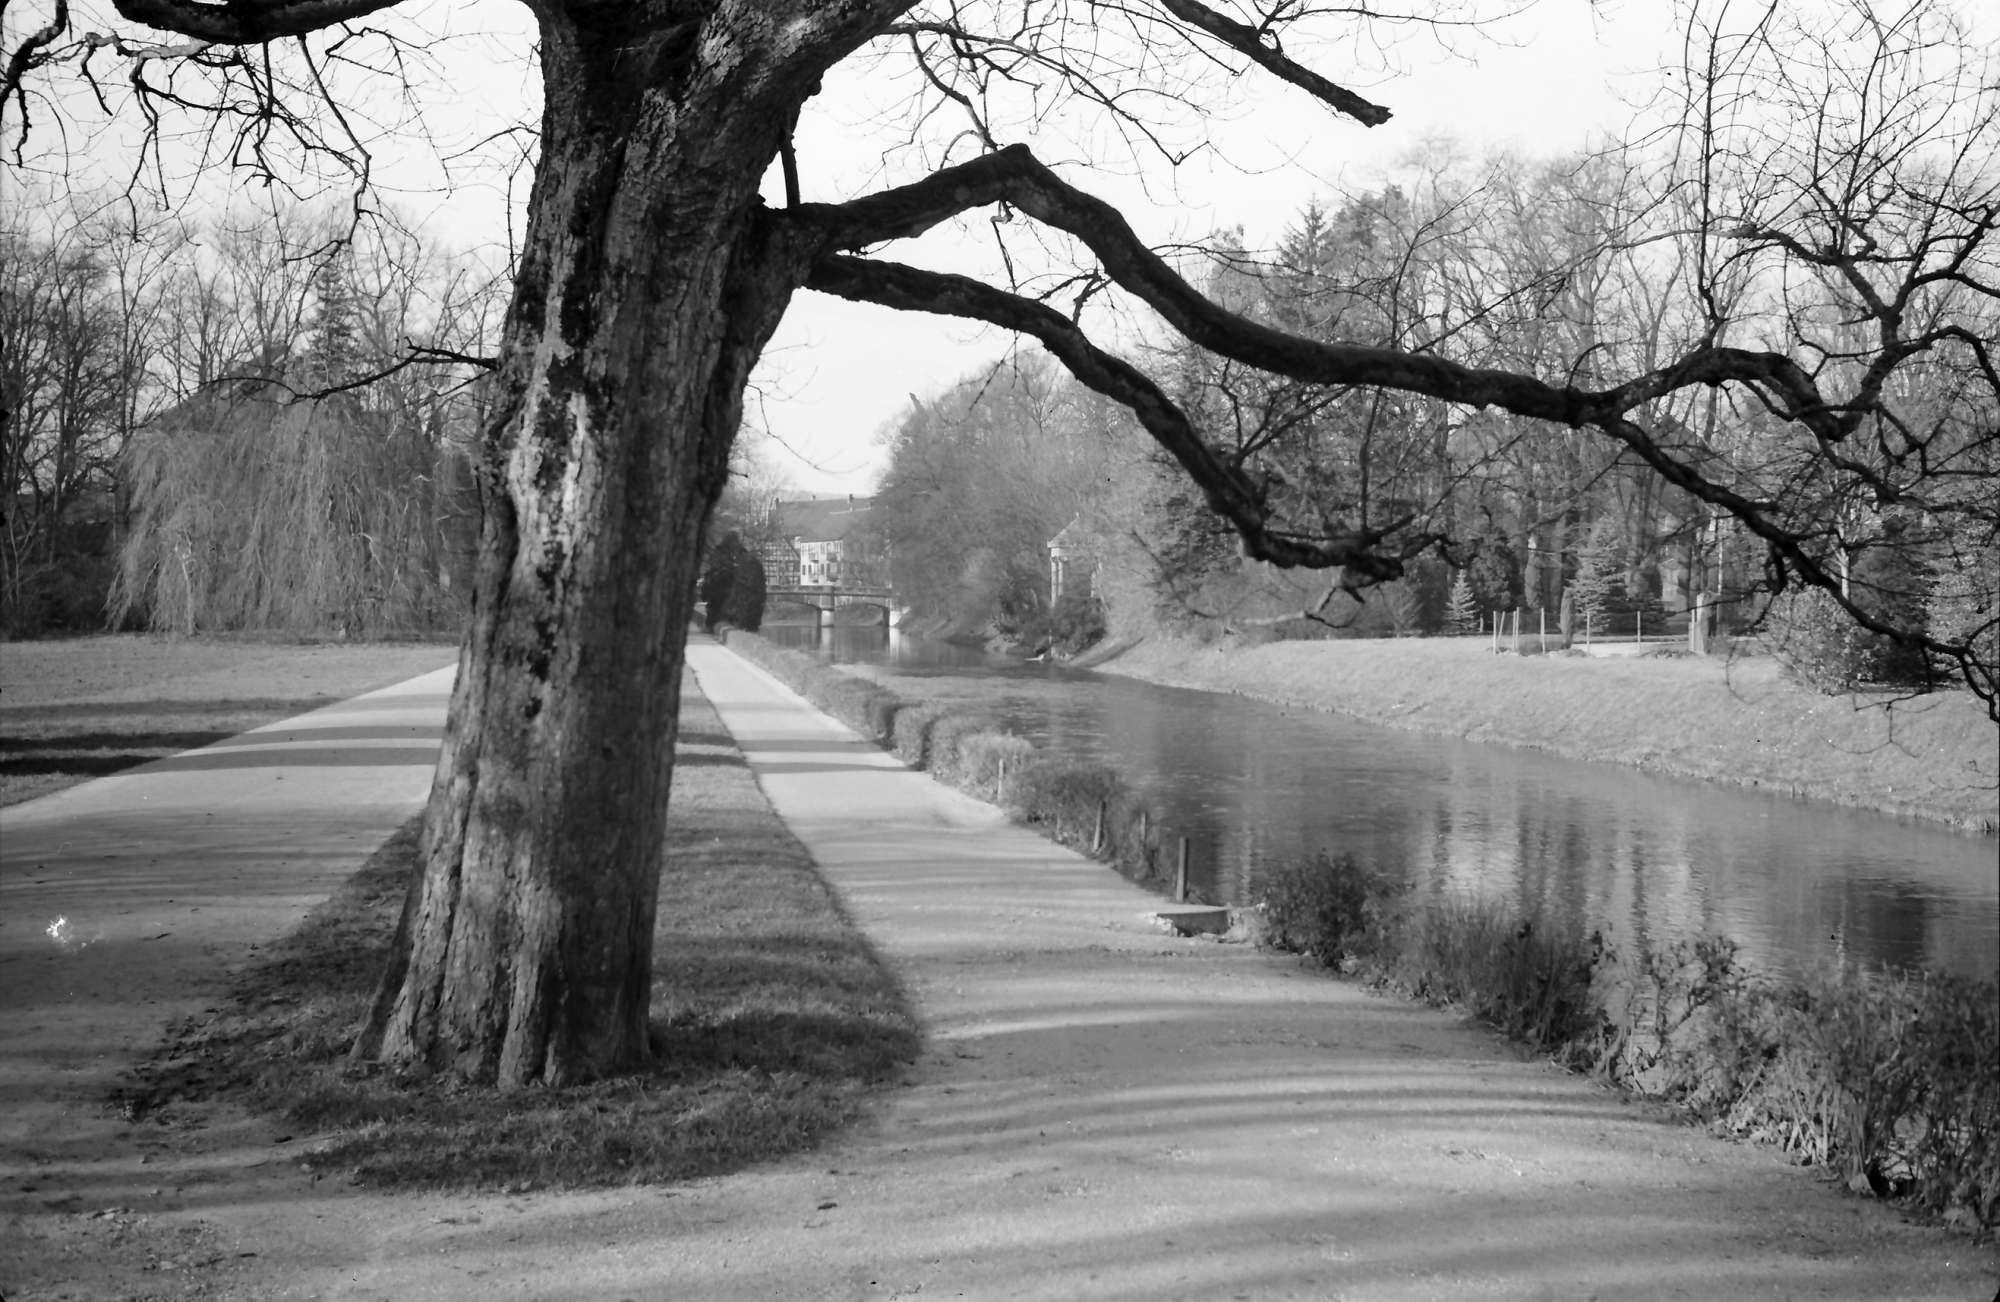 Immendingen: Donauversickerung bei Immendingen, Bild 1